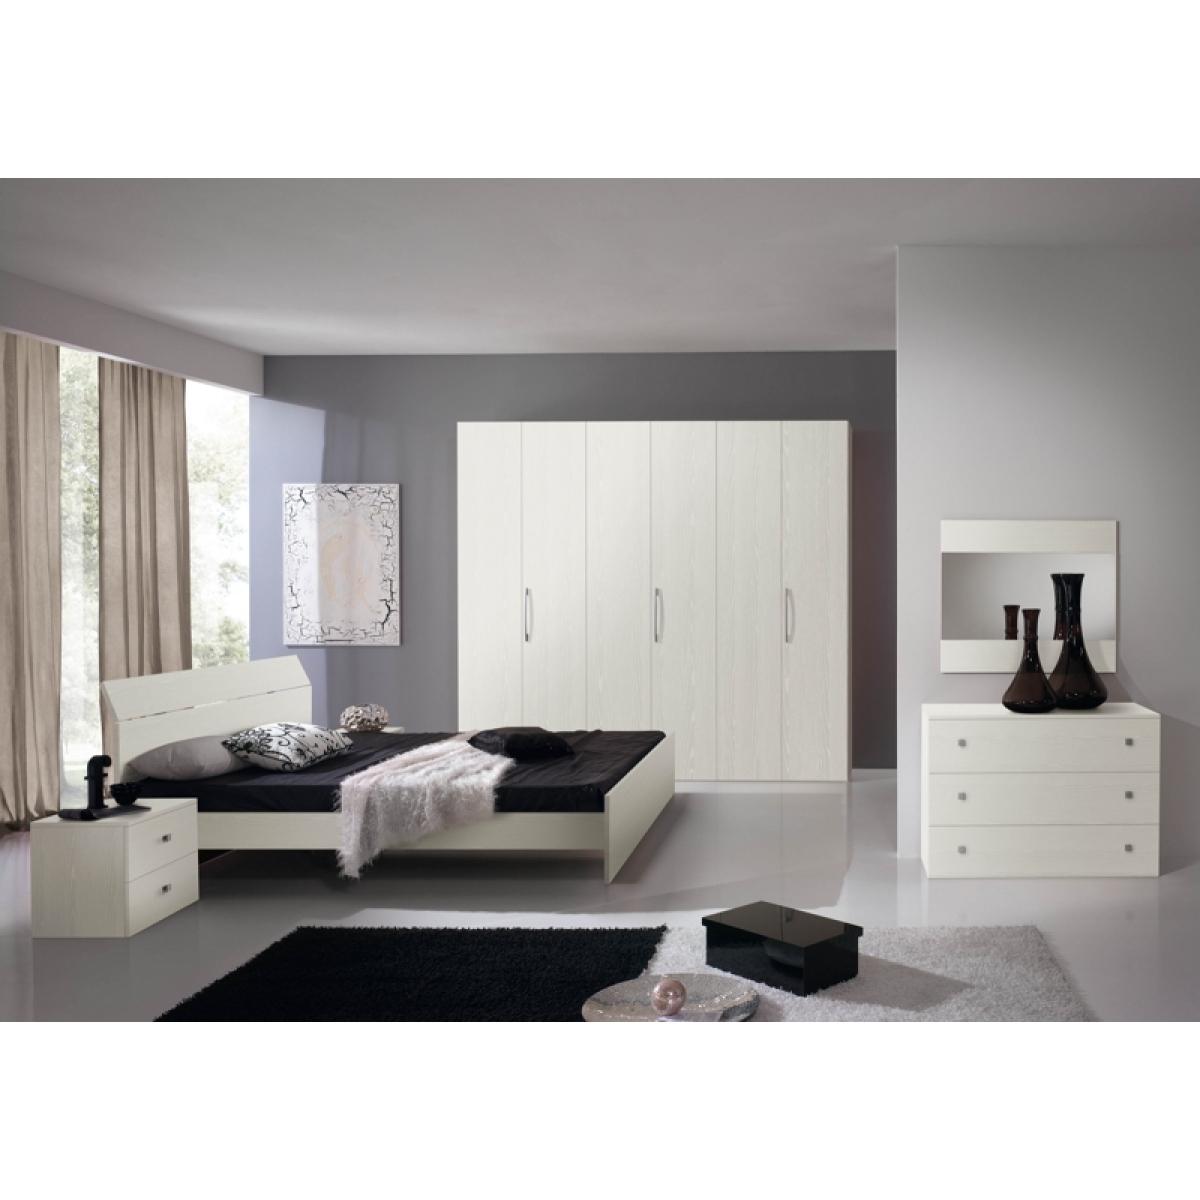 385 camera da letto completa moderna - Camera da letto moderna completa ...